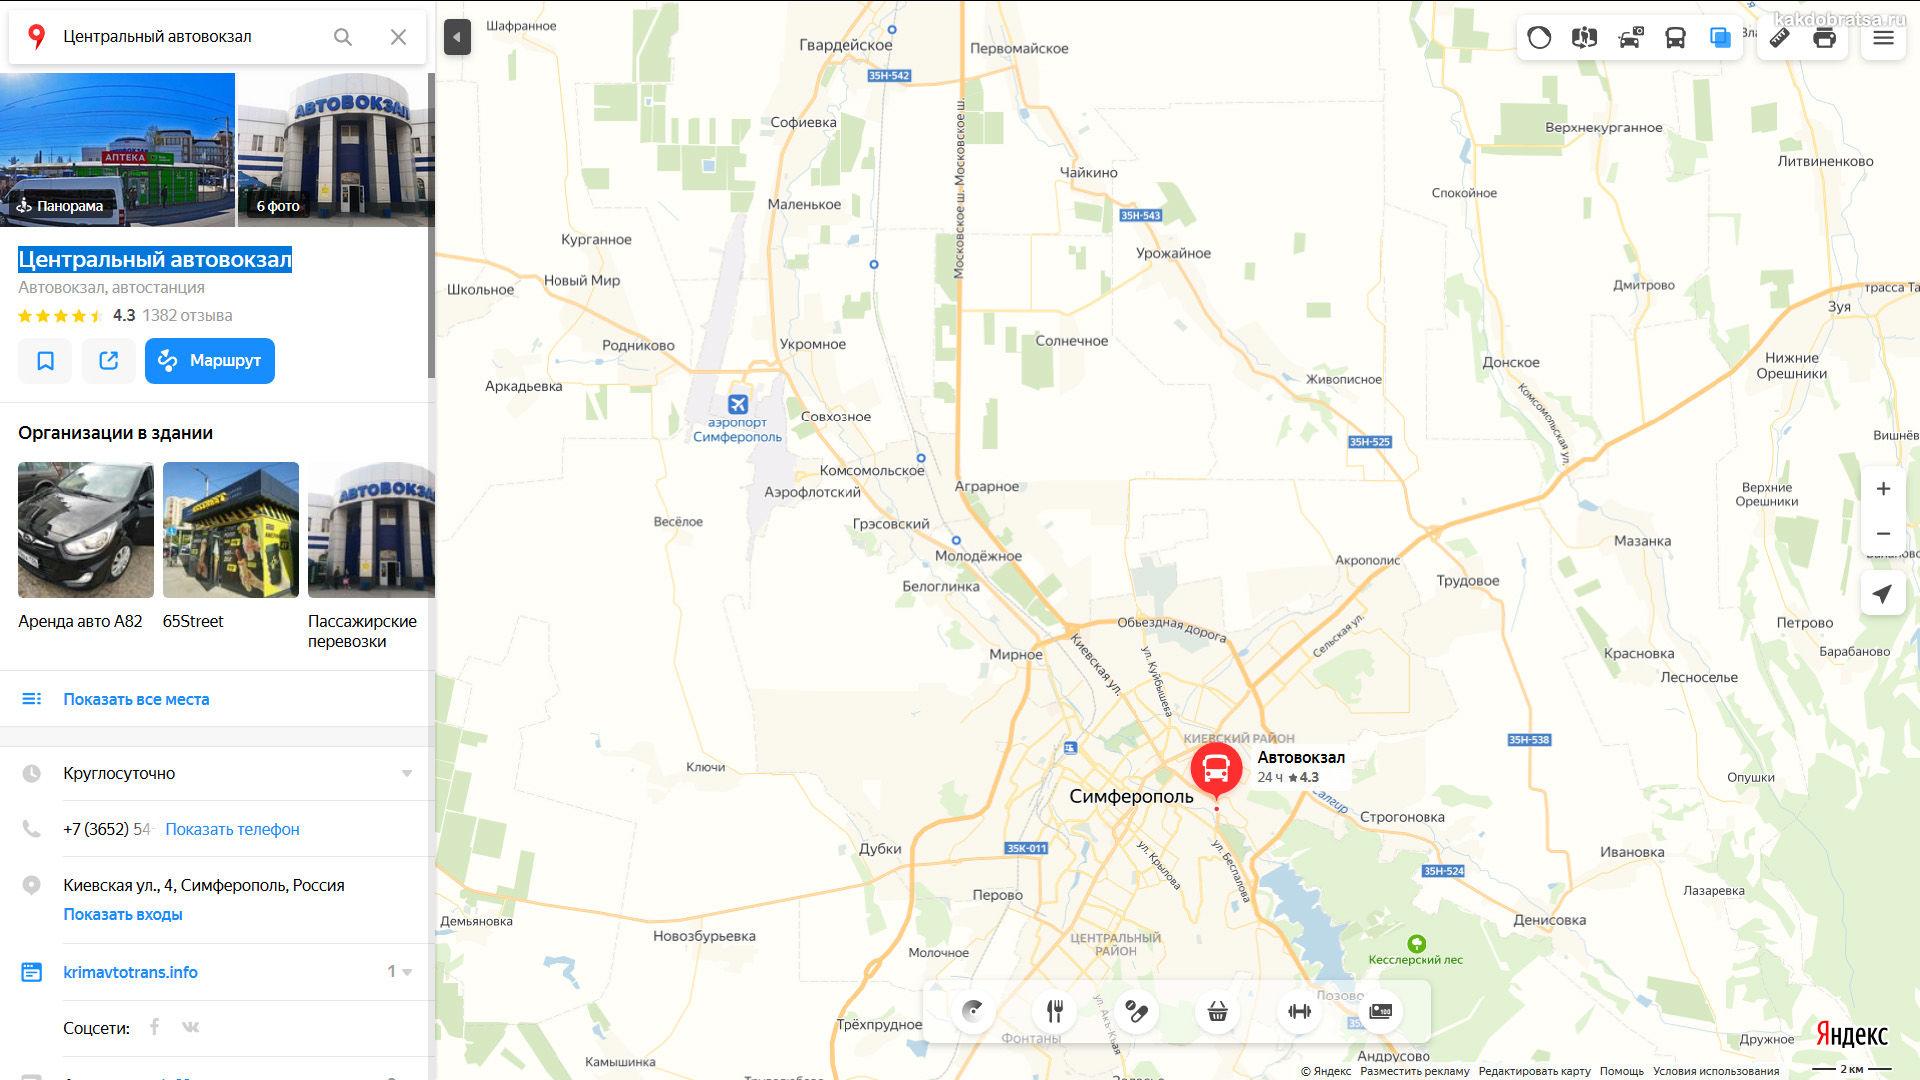 Симферополь Центральный автовокзал на карте